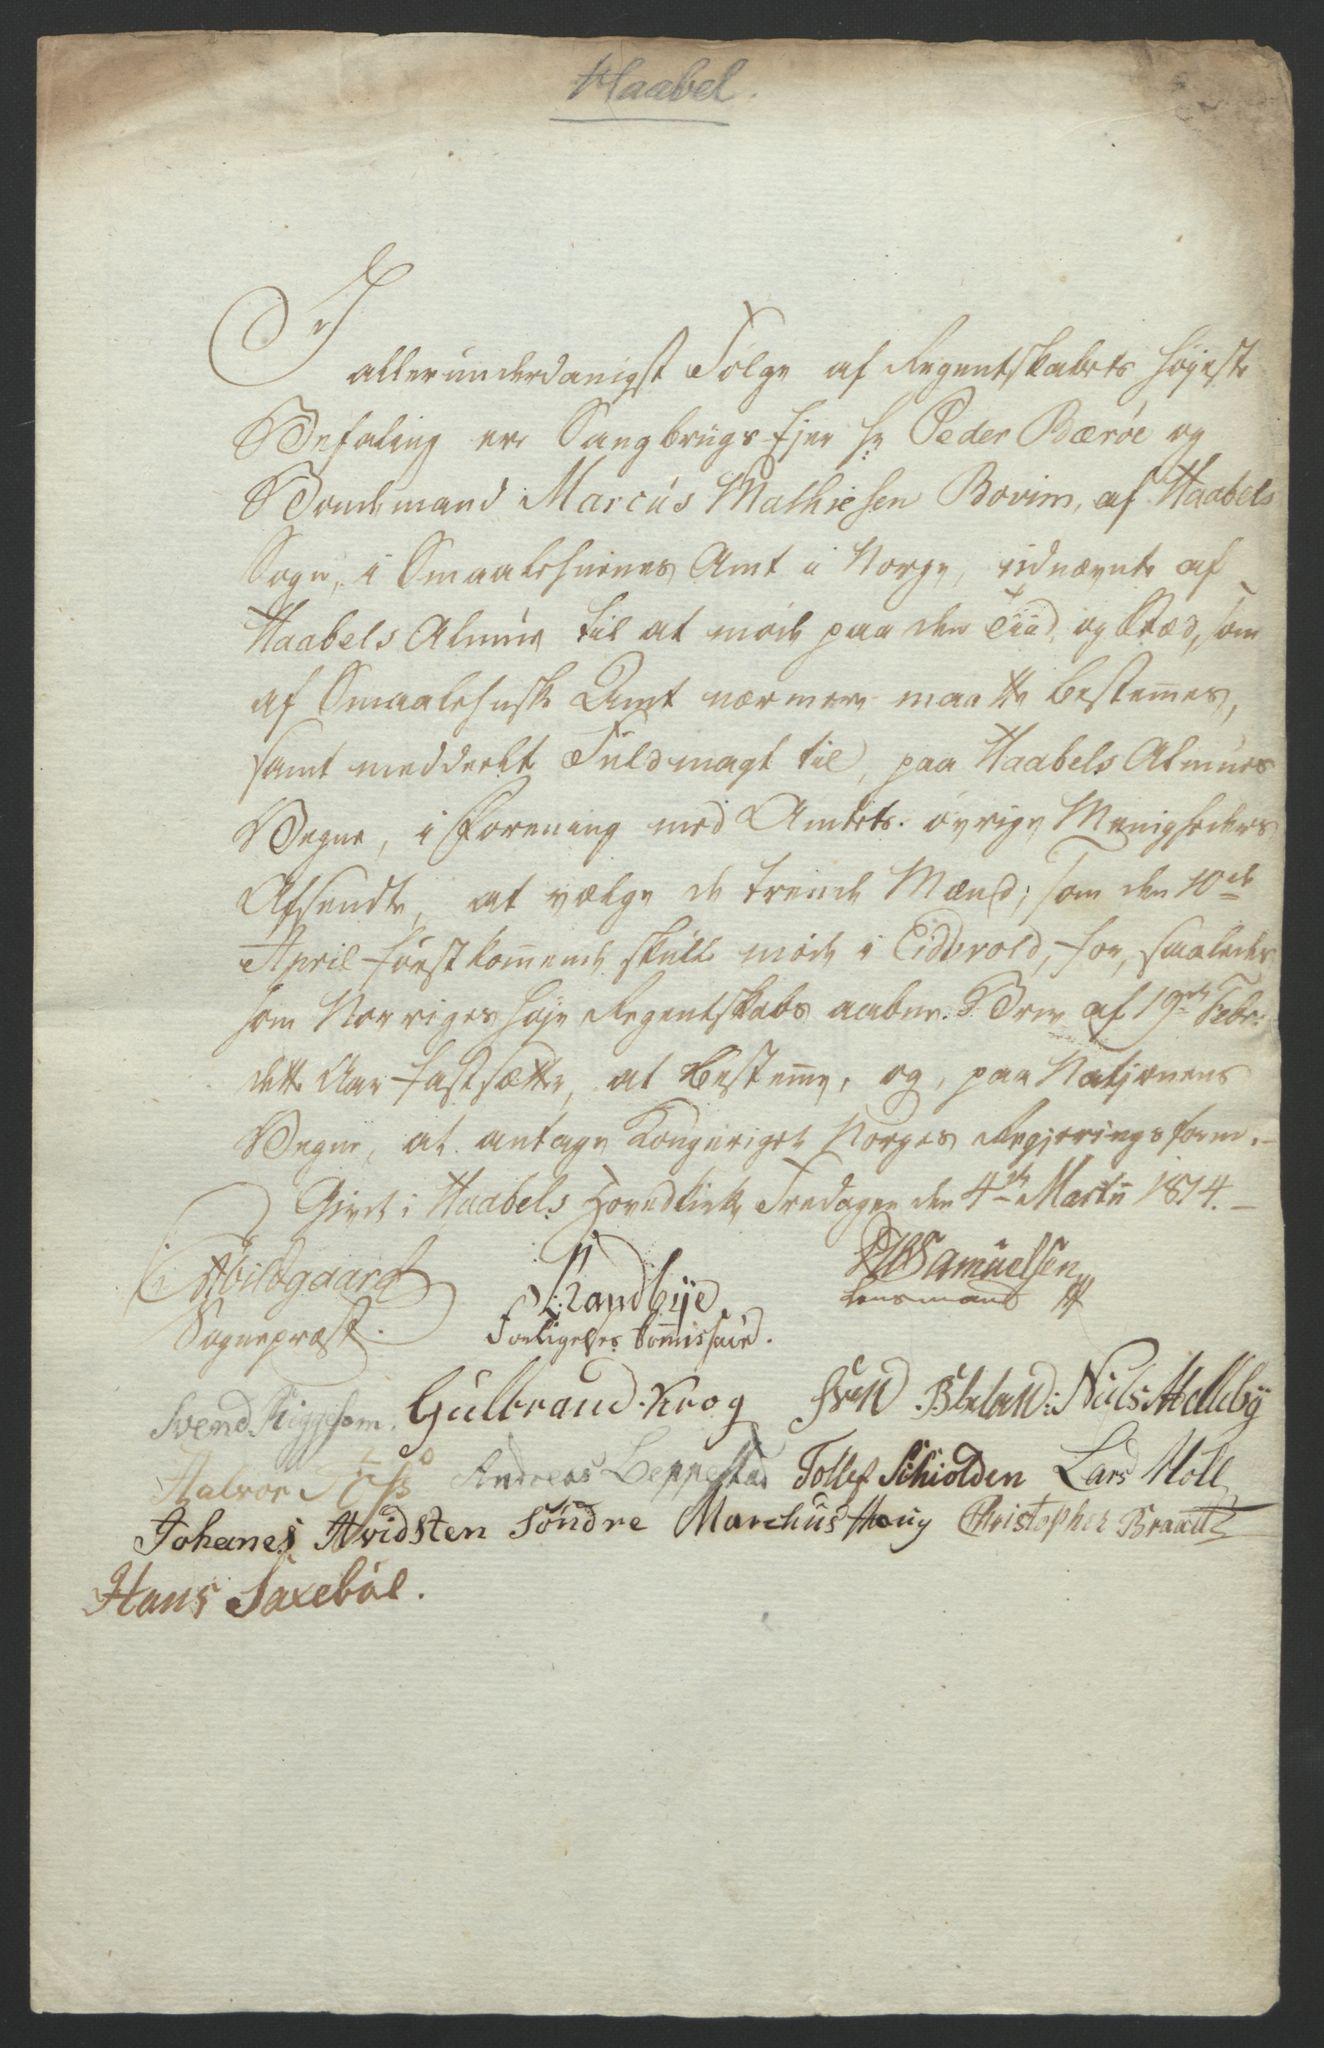 RA, Statsrådssekretariatet, D/Db/L0007: Fullmakter for Eidsvollsrepresentantene i 1814. , 1814, s. 149